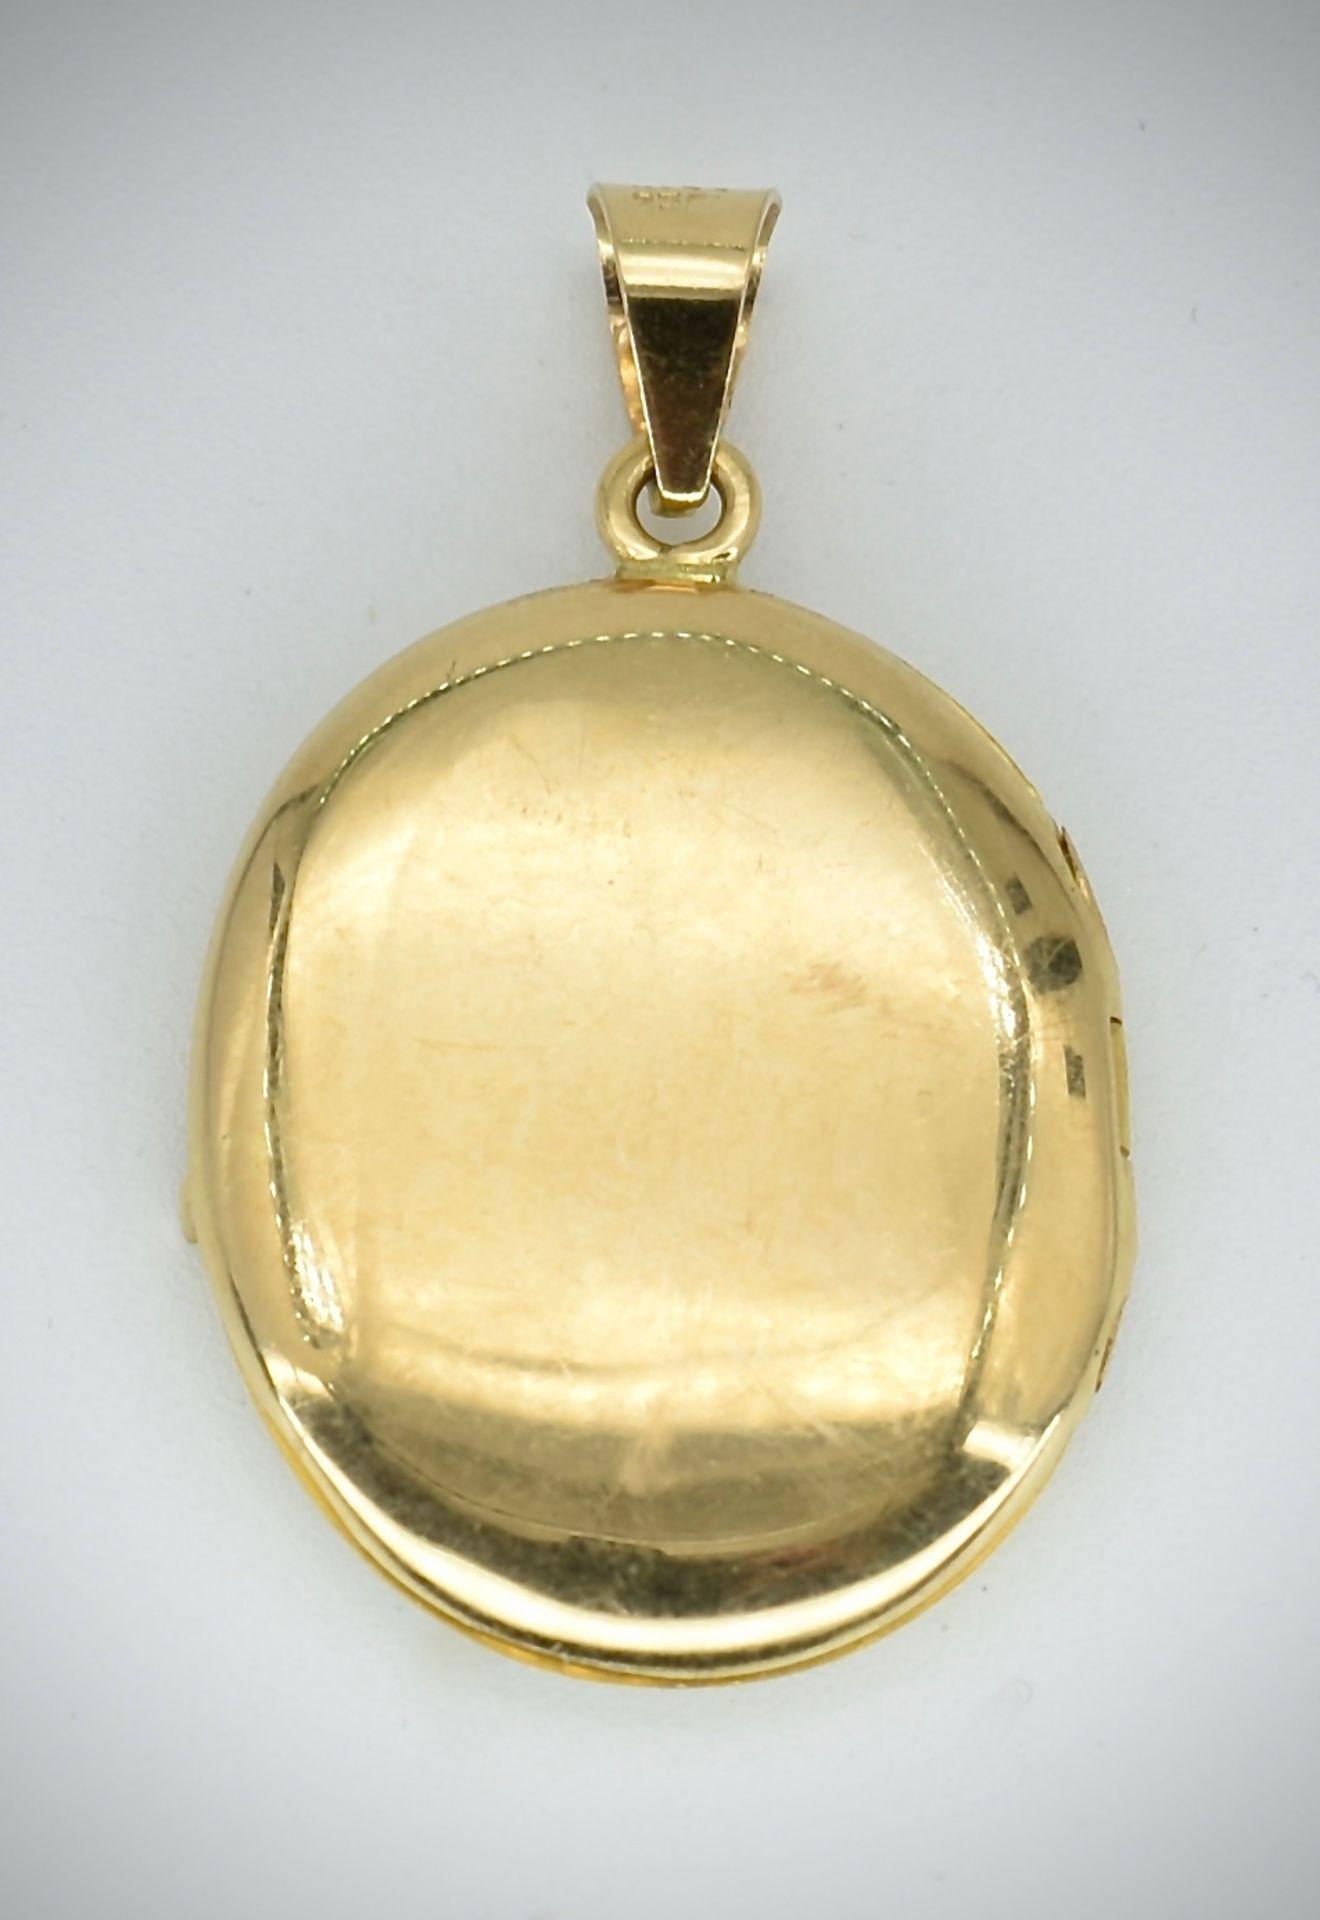 18ct Gold Locket - Image 2 of 3